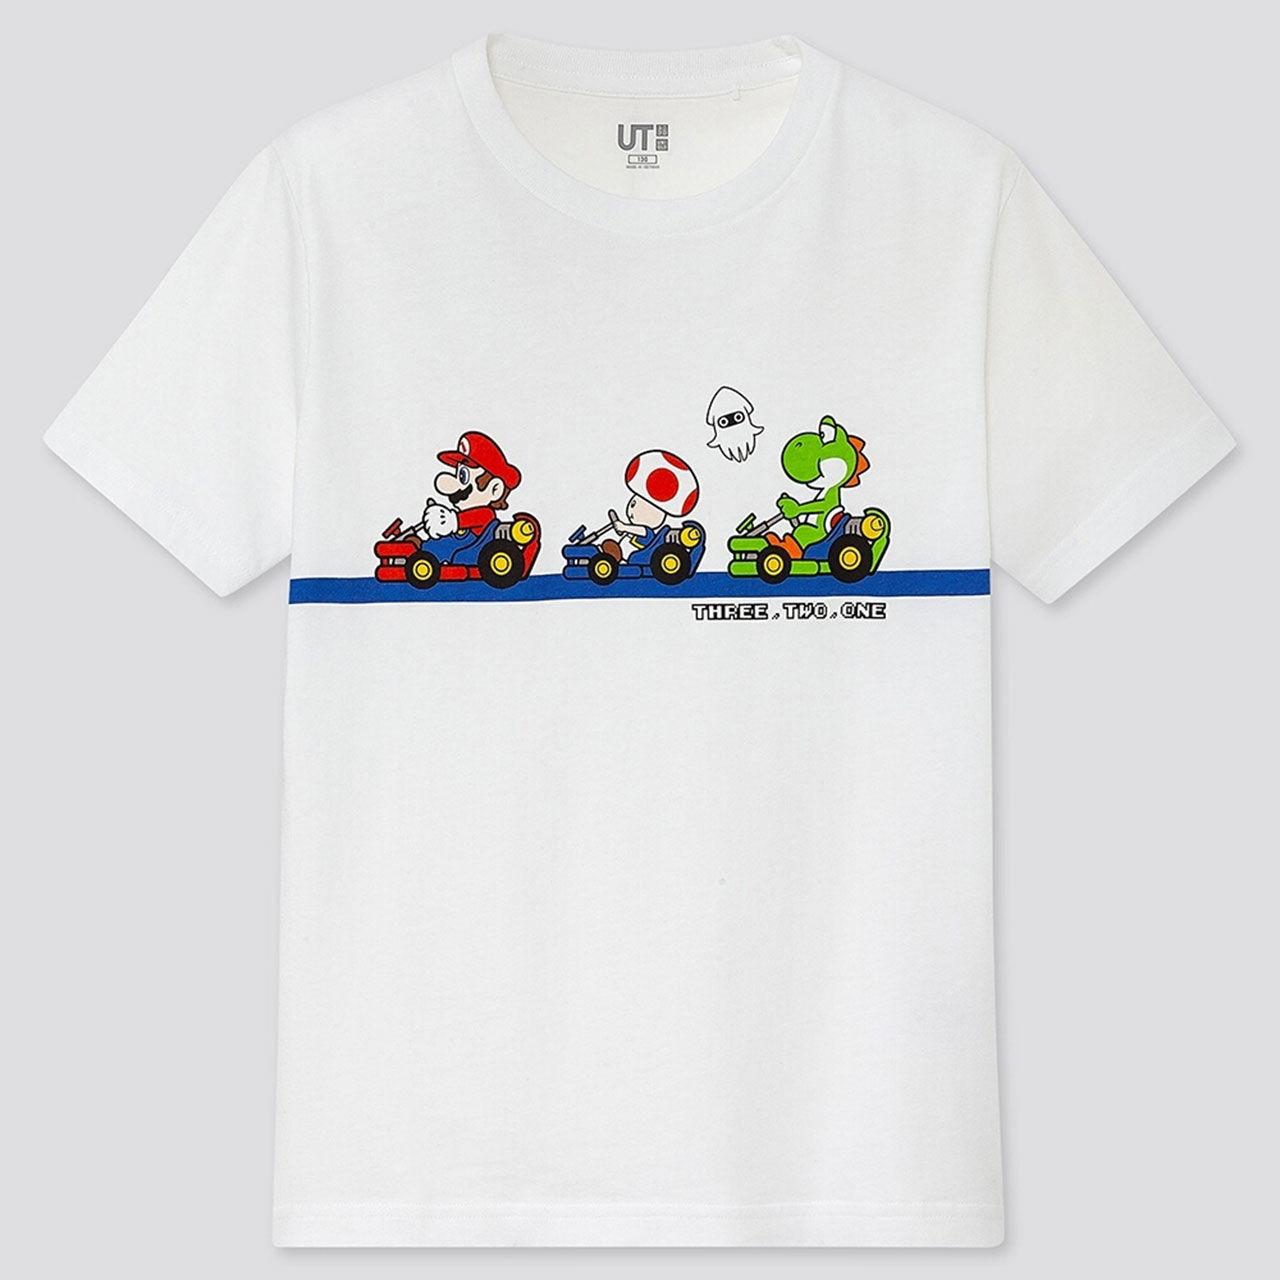 Mario Kart-kläder hos Uniqlo